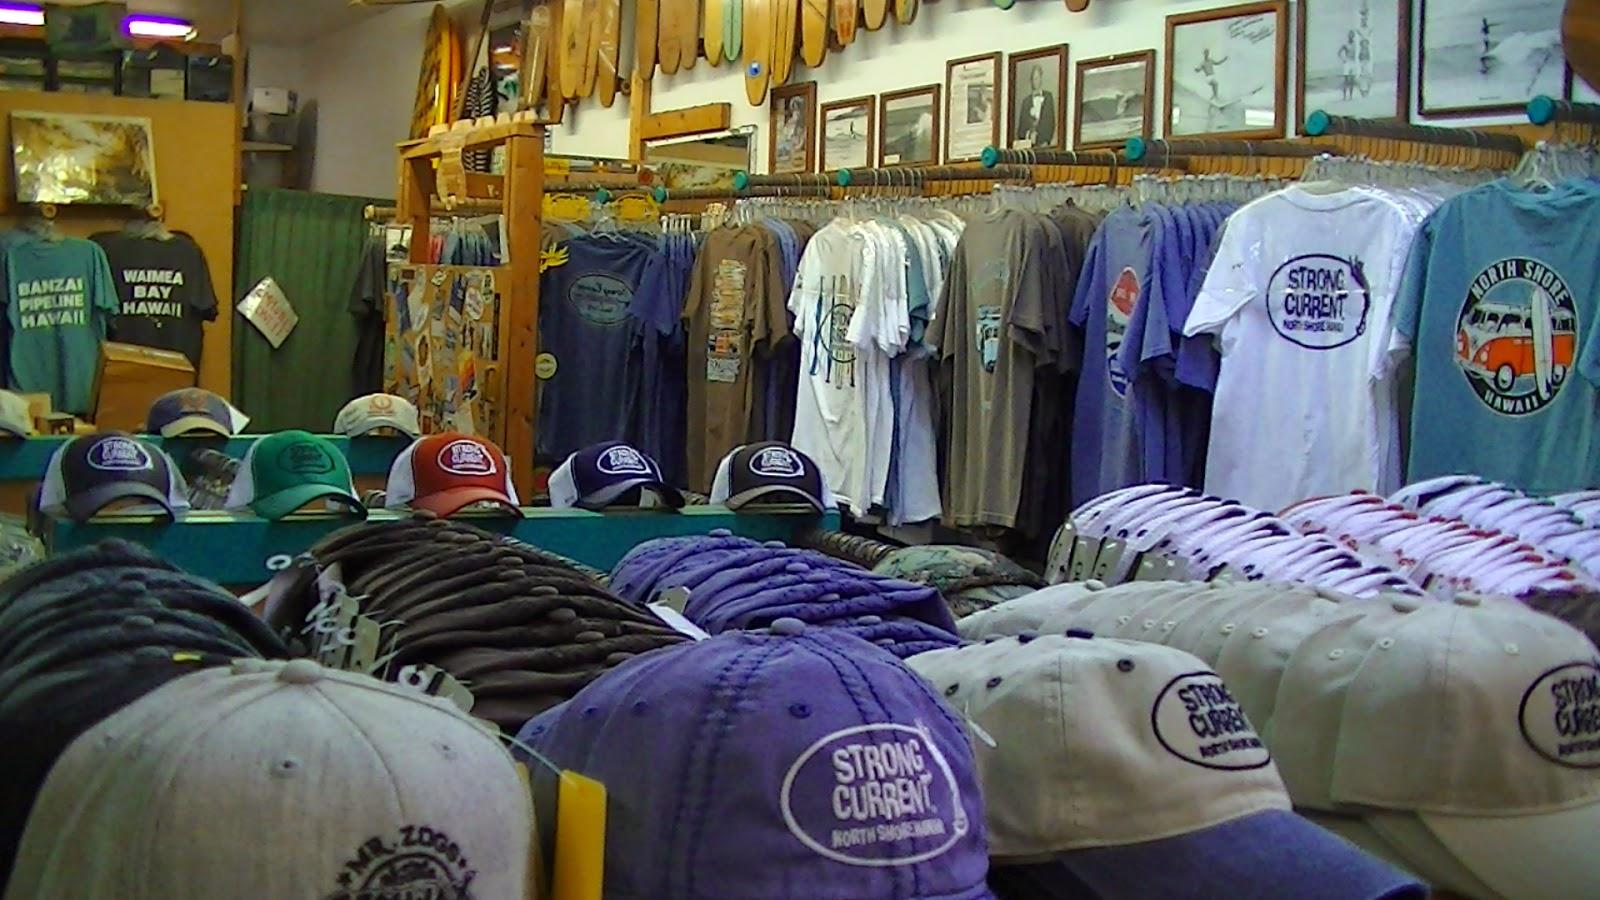 Surf Shop T-Shirt Road Trip: Strong Current Surf Shop